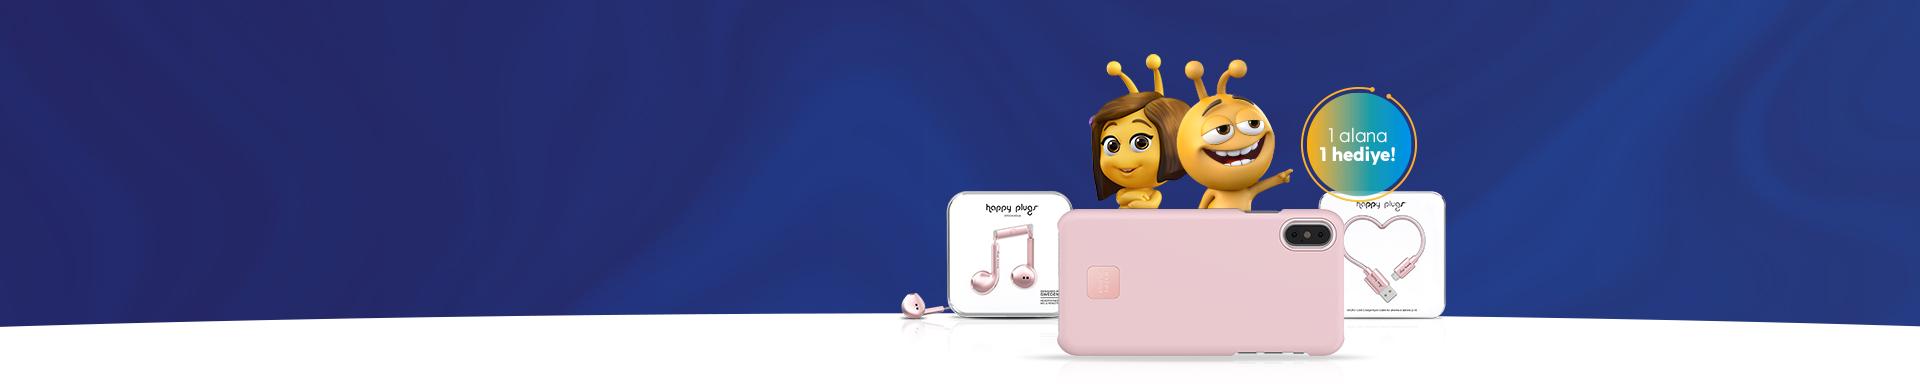 Şıklığı Teknoloji ile Tamamlayın turkcell.com.tr'ye özel Happy Plugs aksesuarlarında 1 alana 1 hediye!